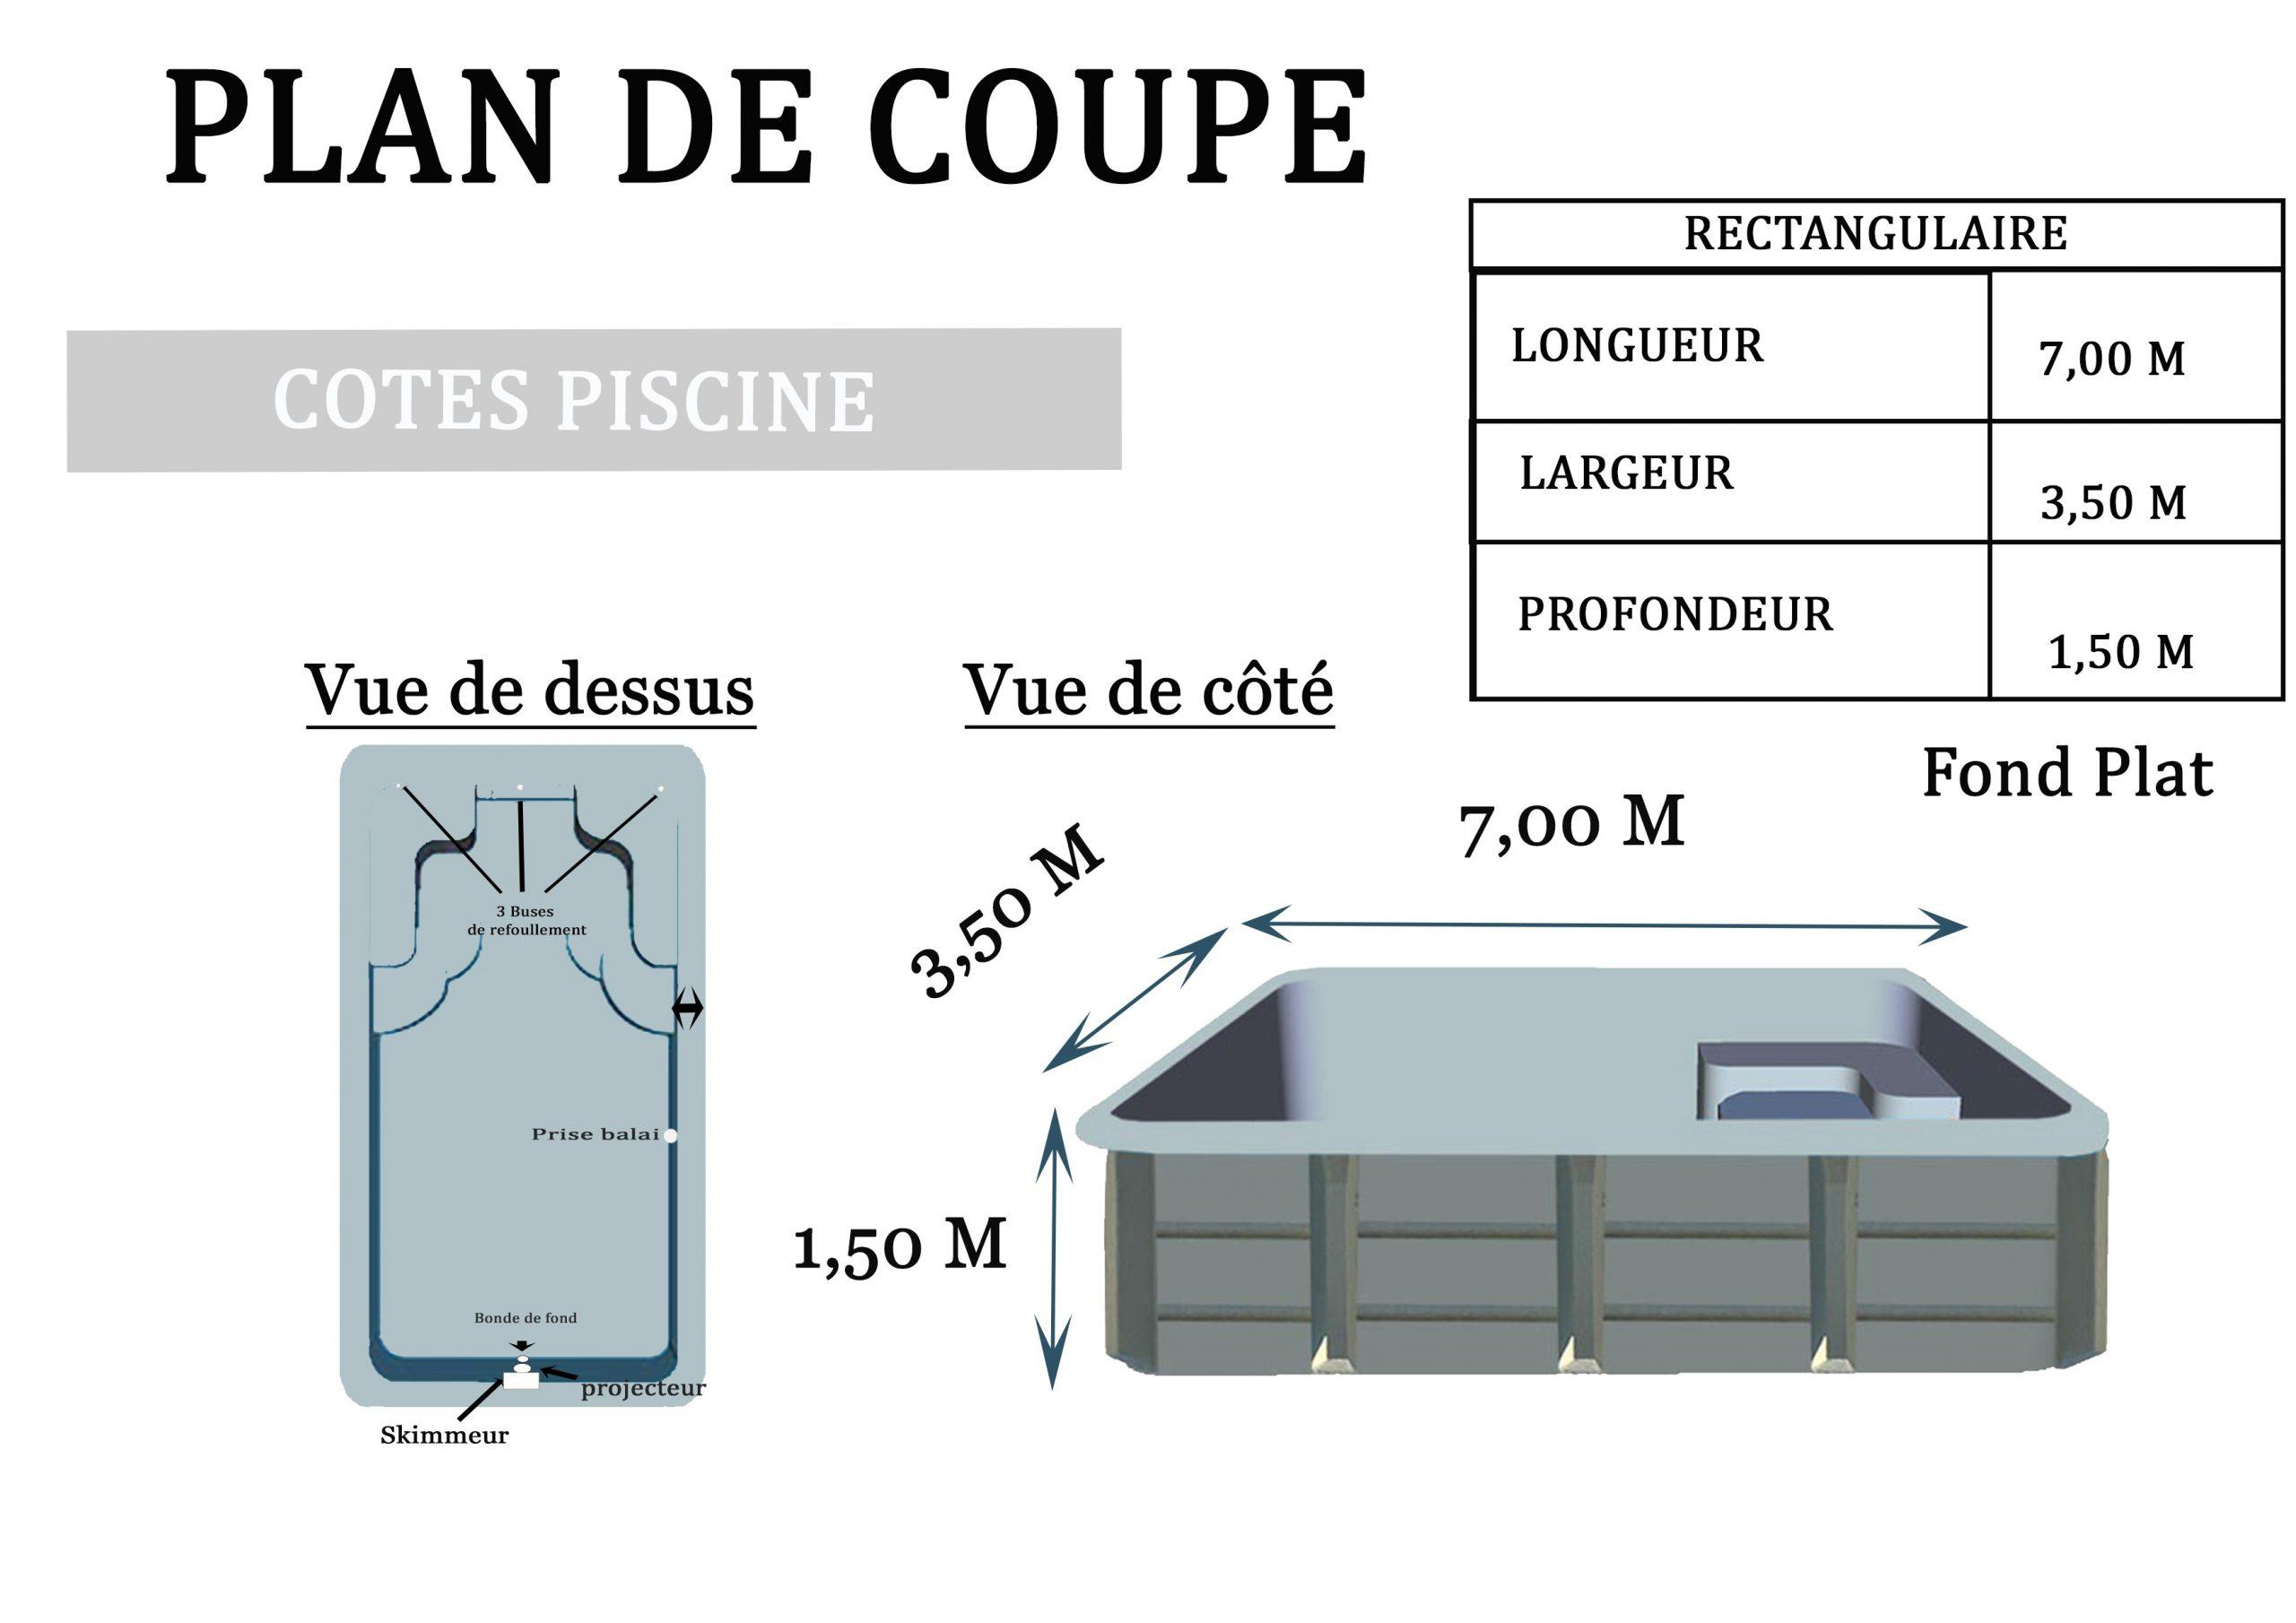 Piscine Polyester Okea Rectangulaire 7M X 3.50M intérieur Plan De Coupe Piscine